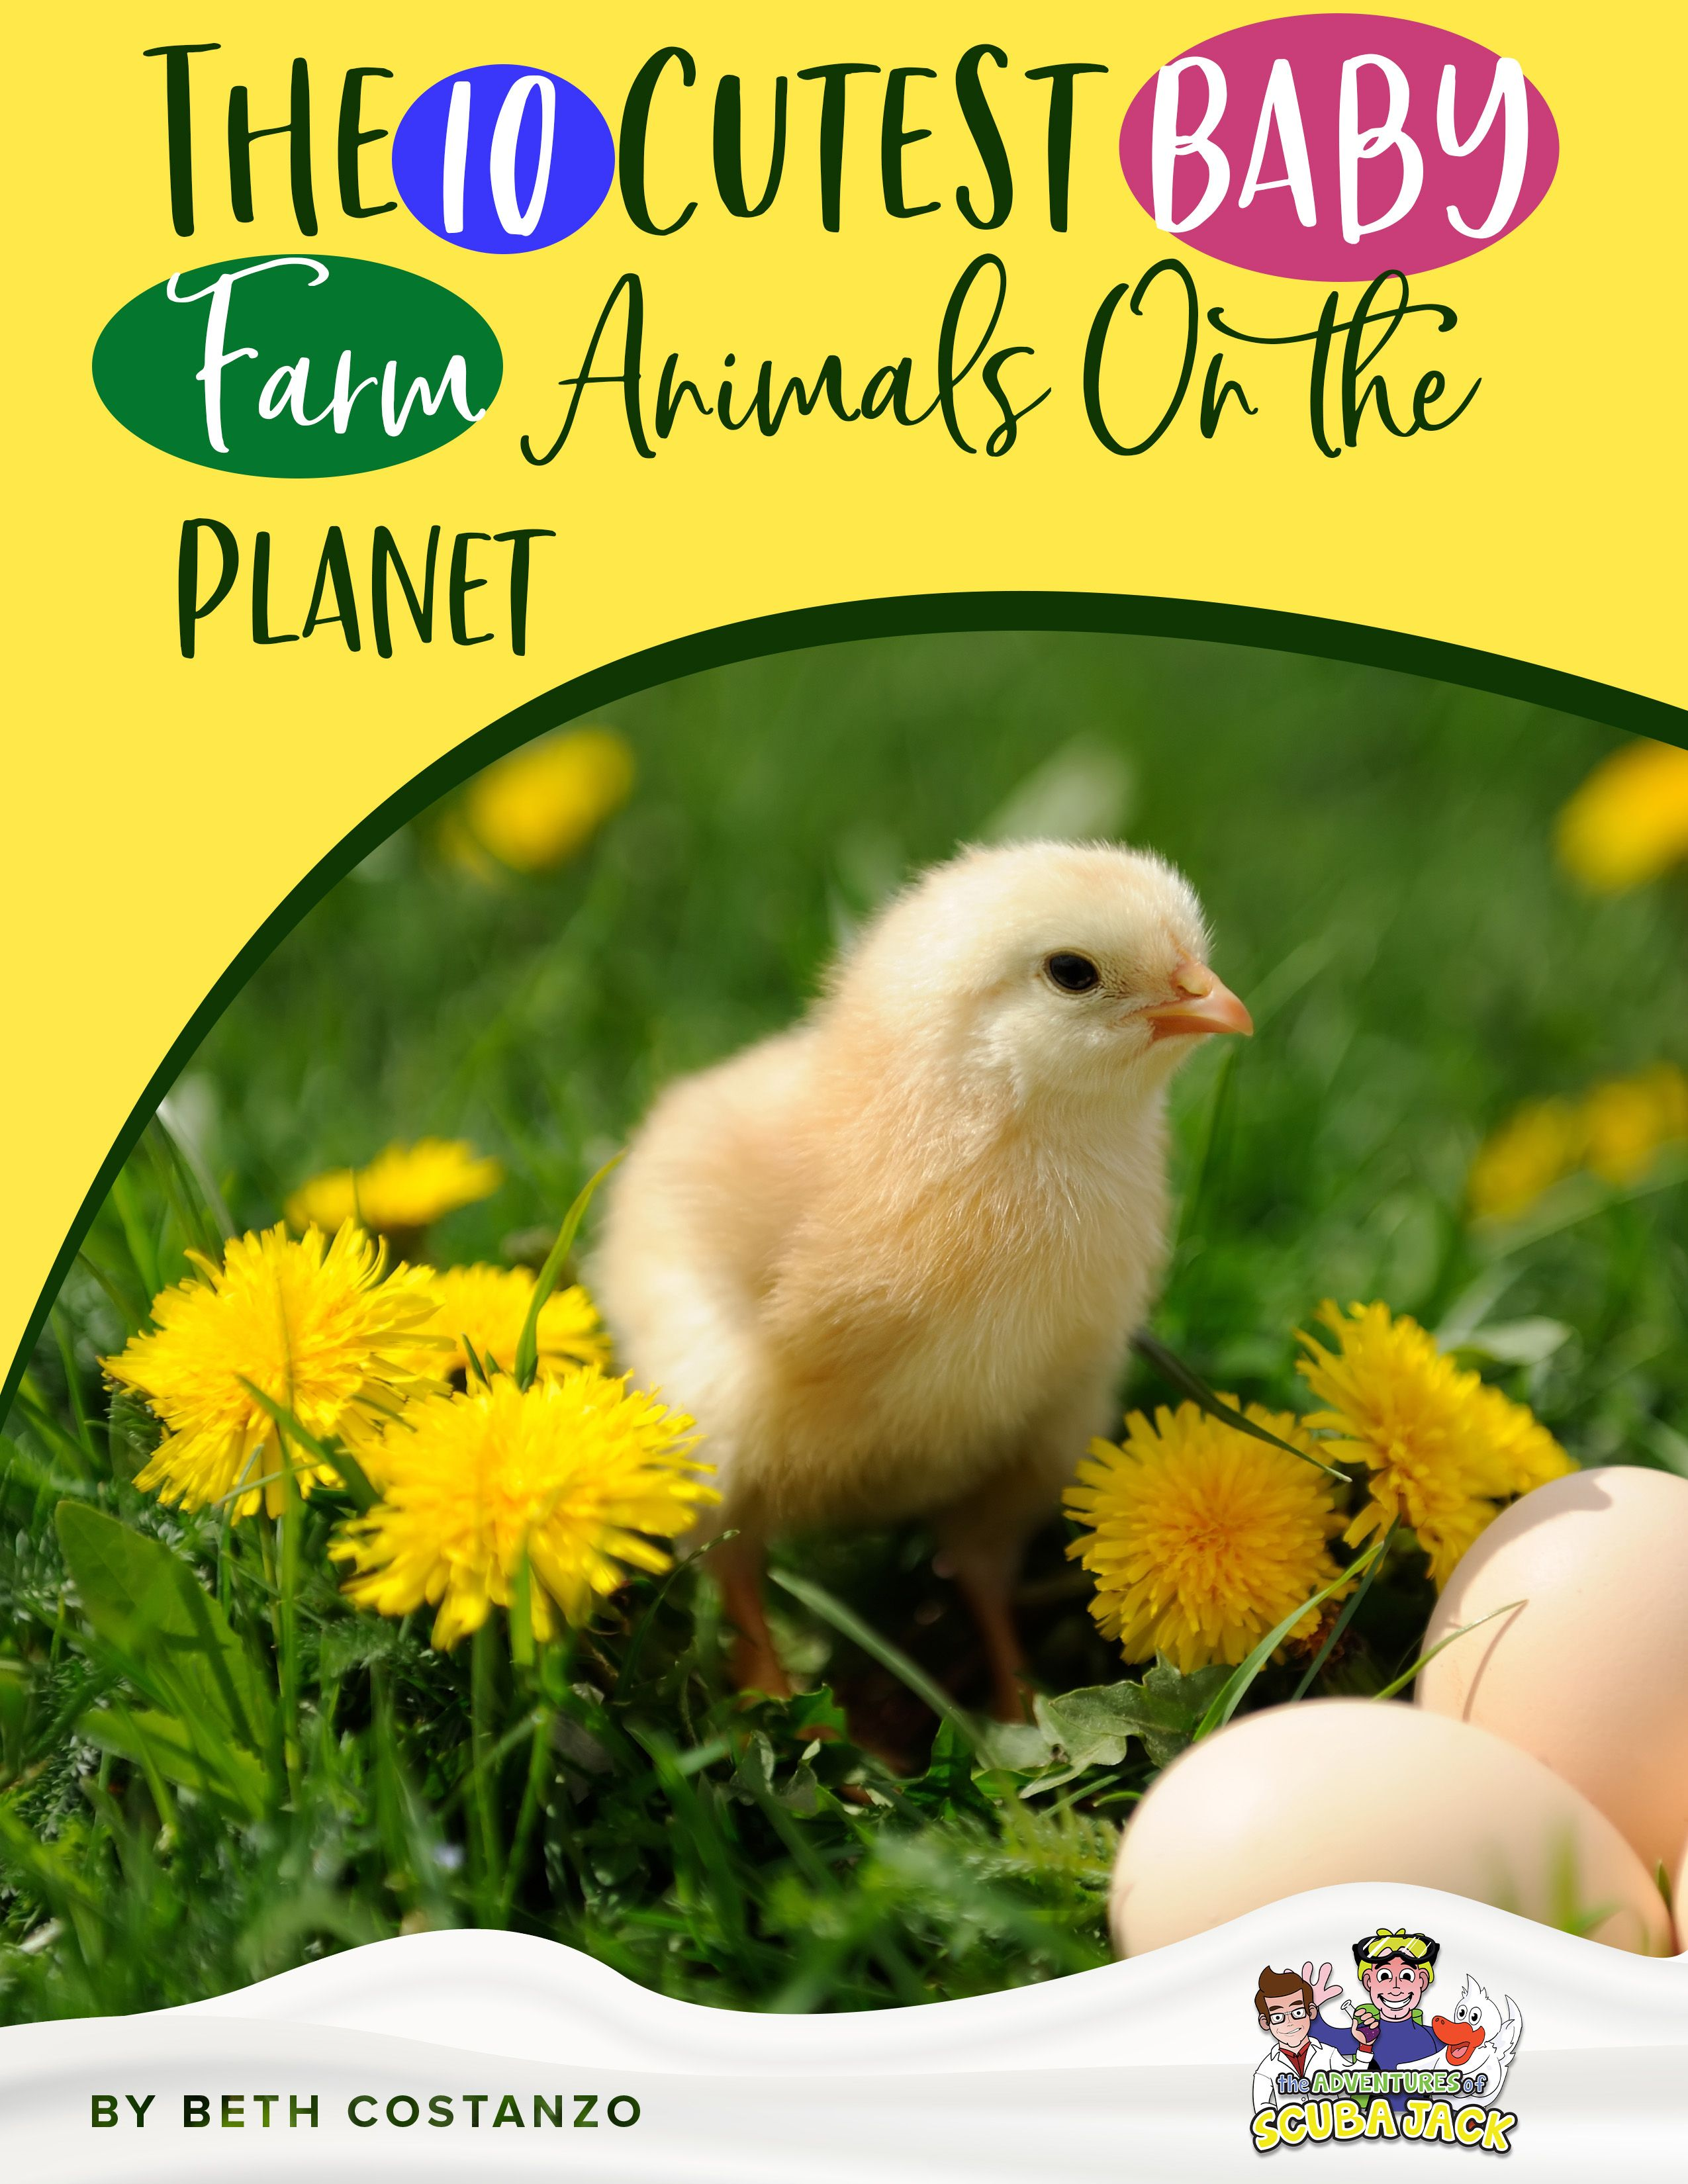 10 Cutest Baby Farm Animals In